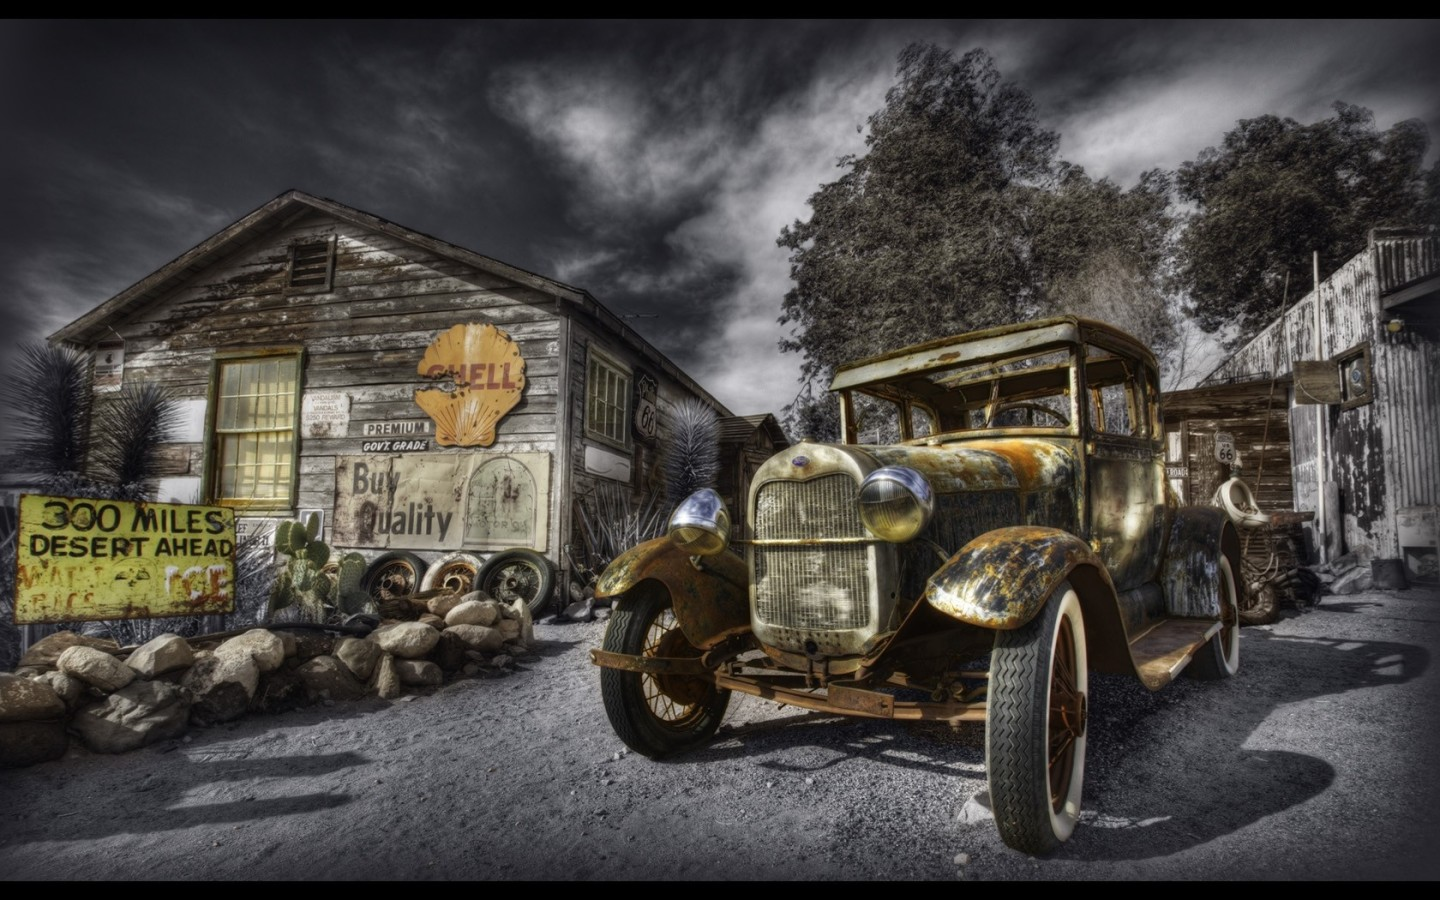 Amish Desktop And Screensavers Wallpaper PicsWallpapercom 1440x900